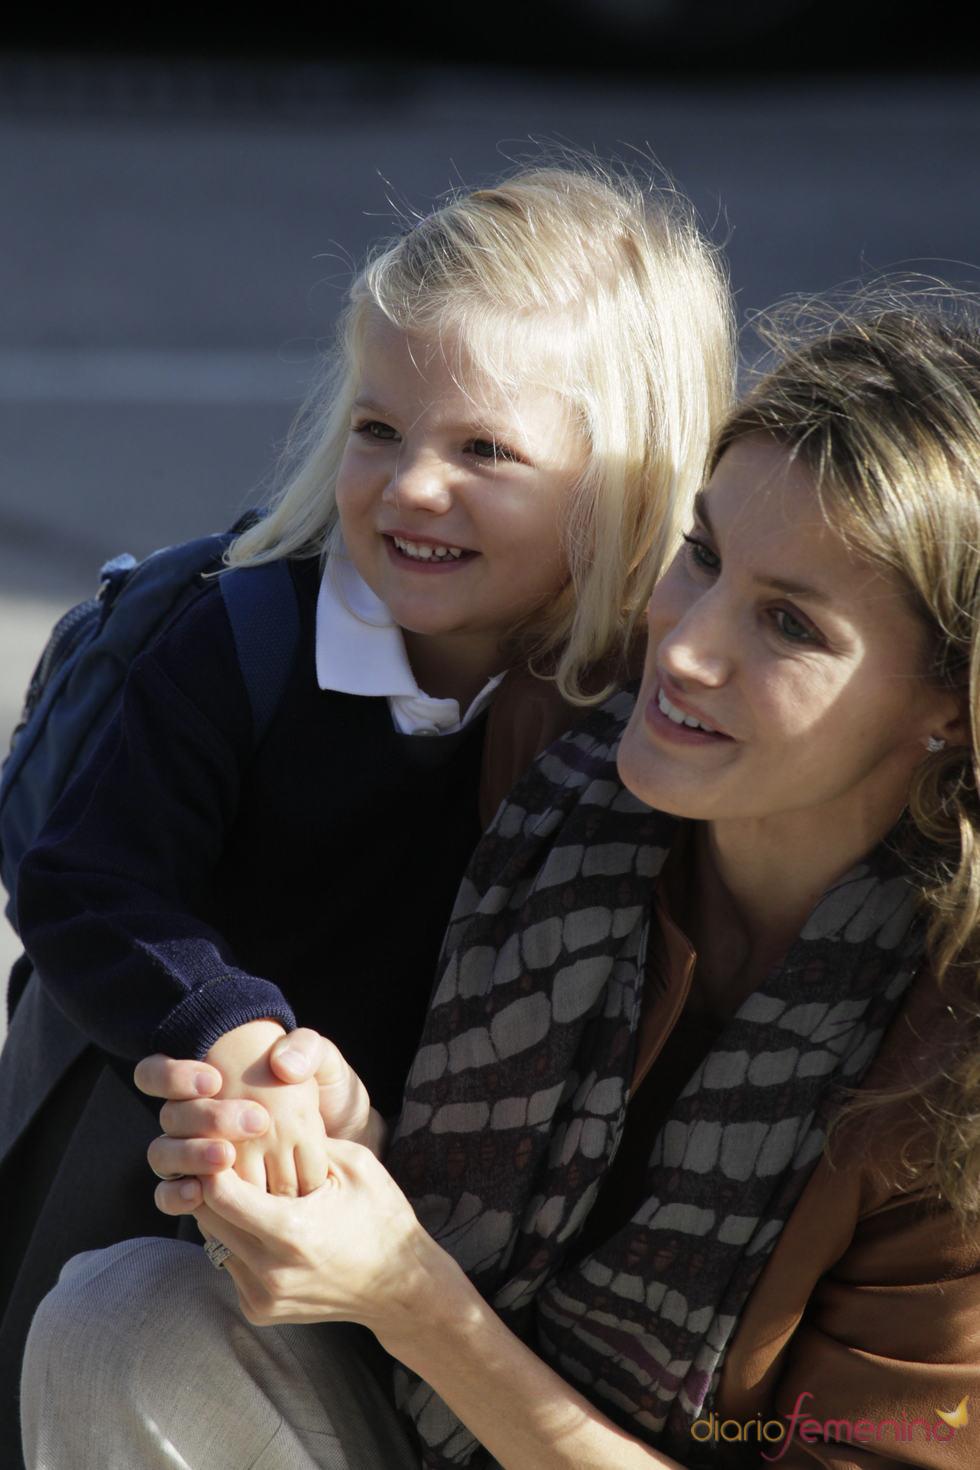 Posado oficial de la Princesa Letizia y la infanta Sofía durante su primer día de cole